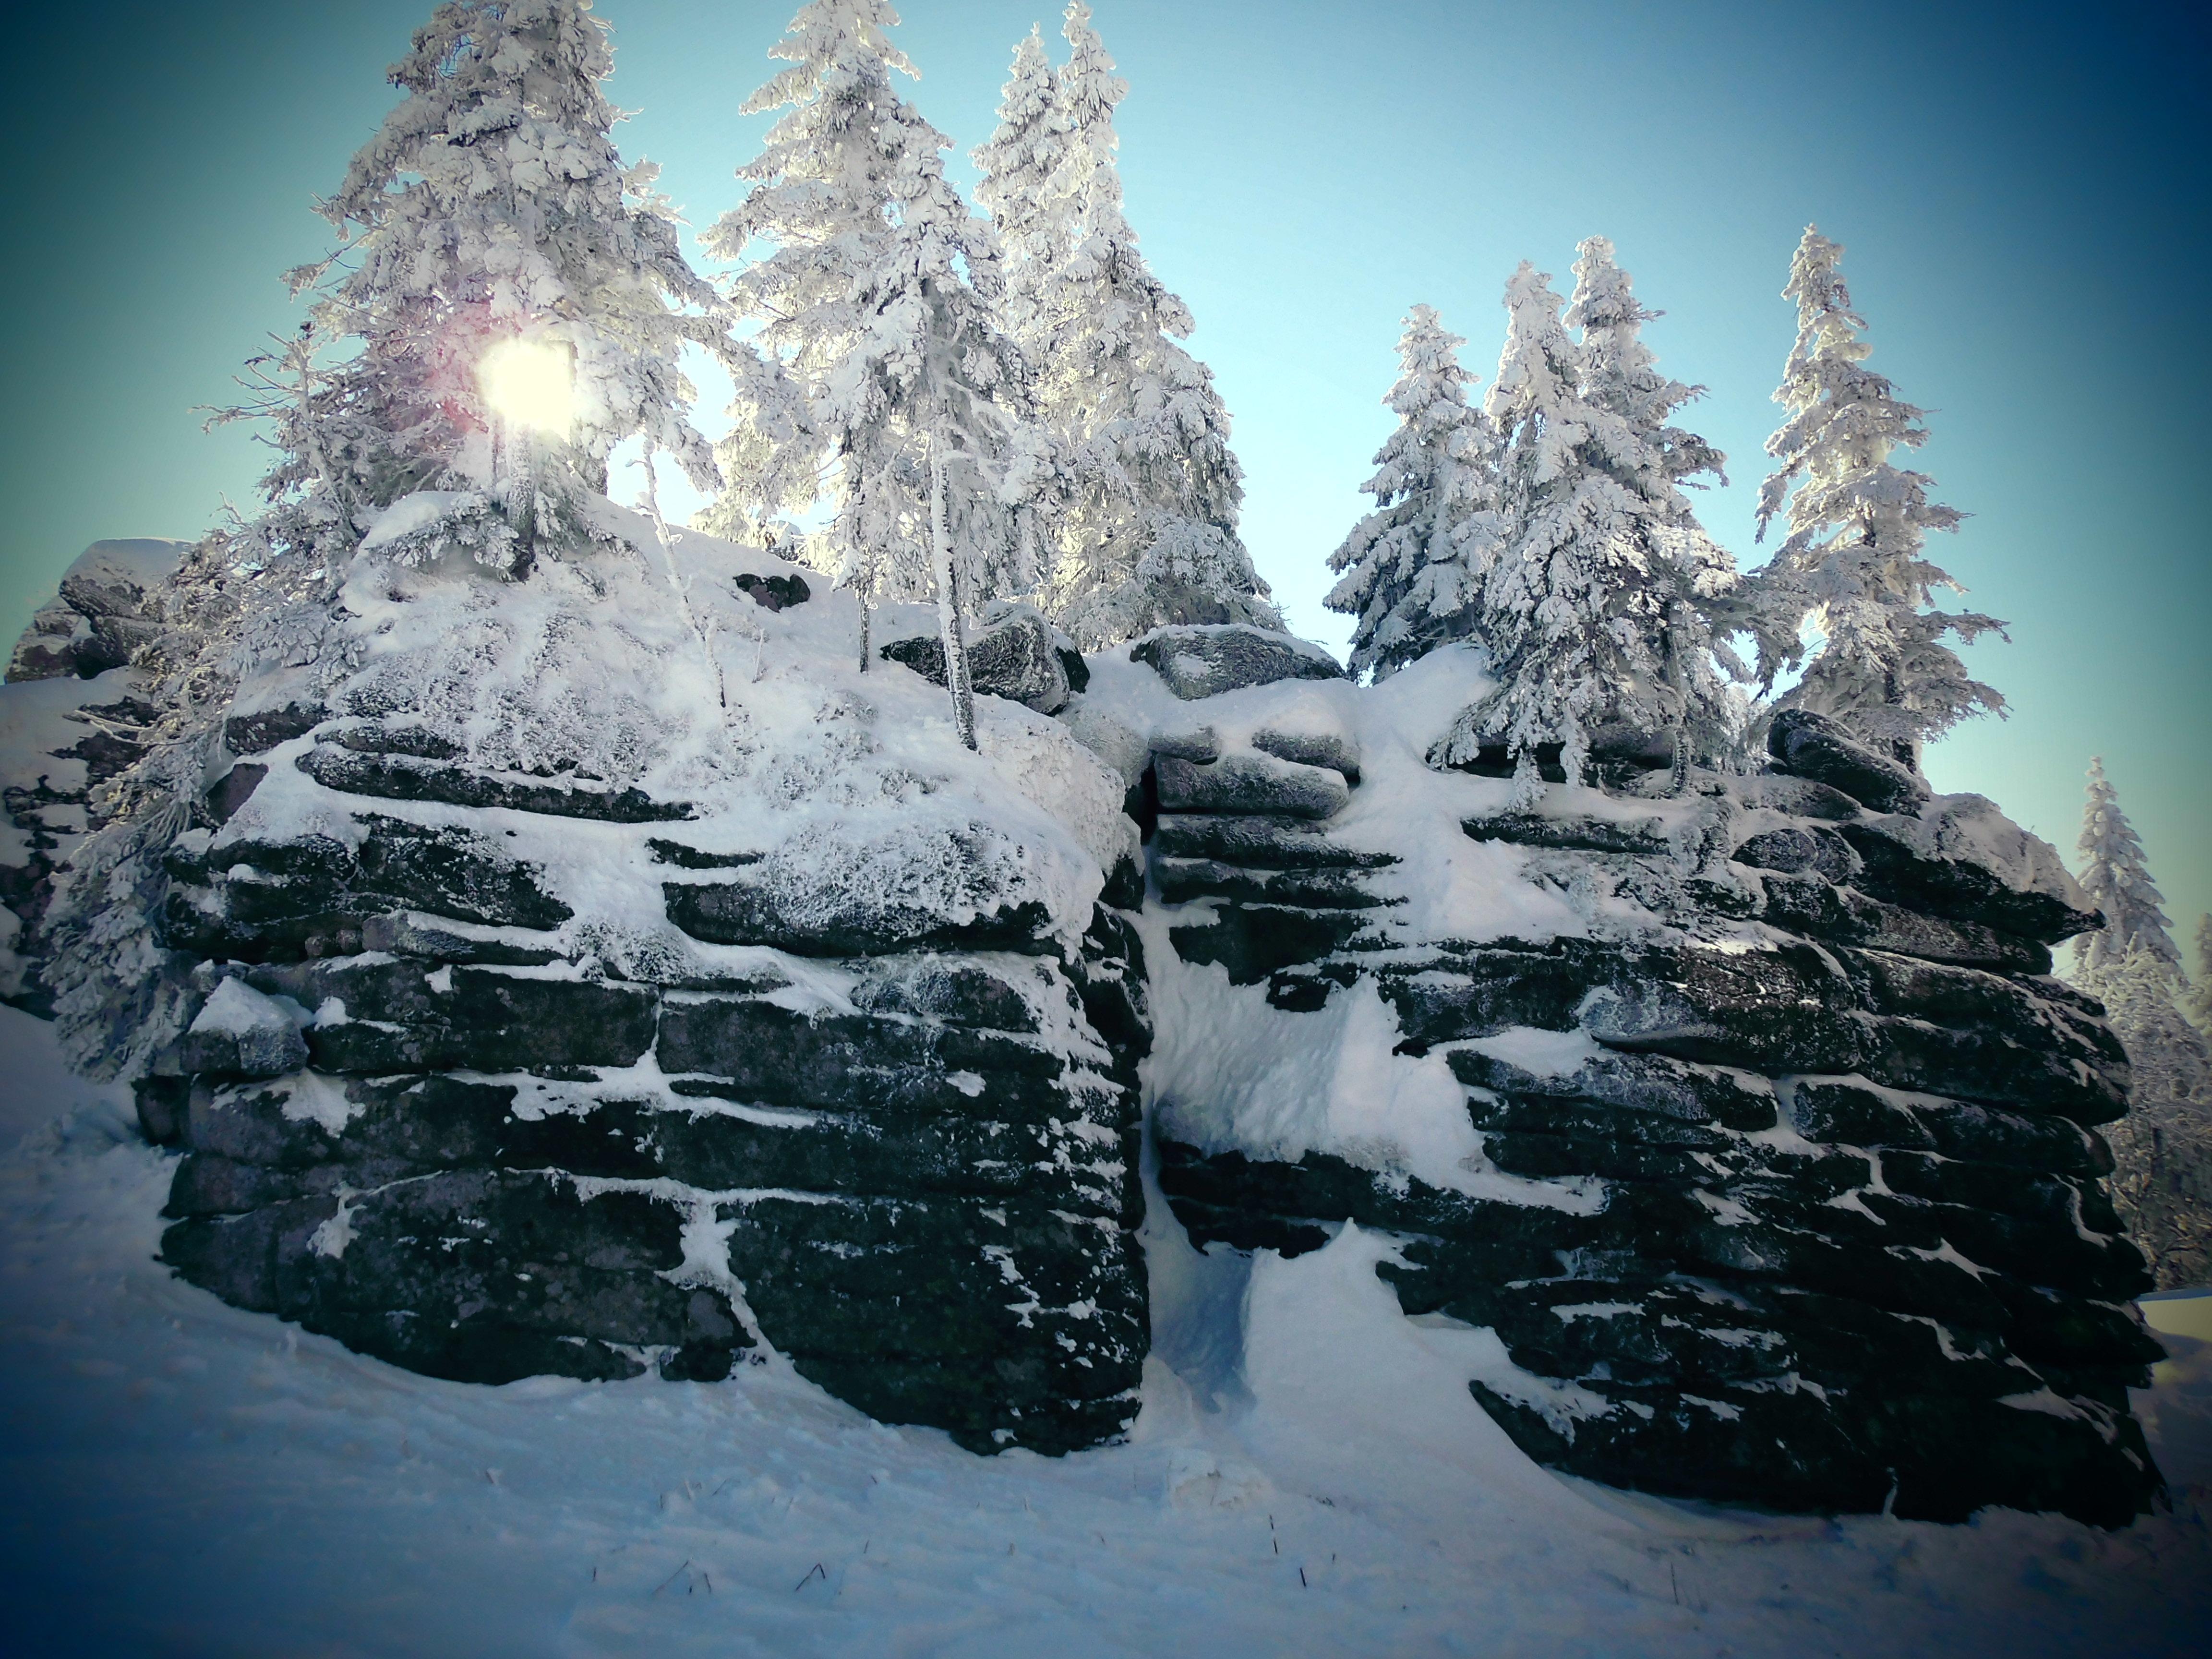 Schnee am Dreisessel, Bayerischer Wald